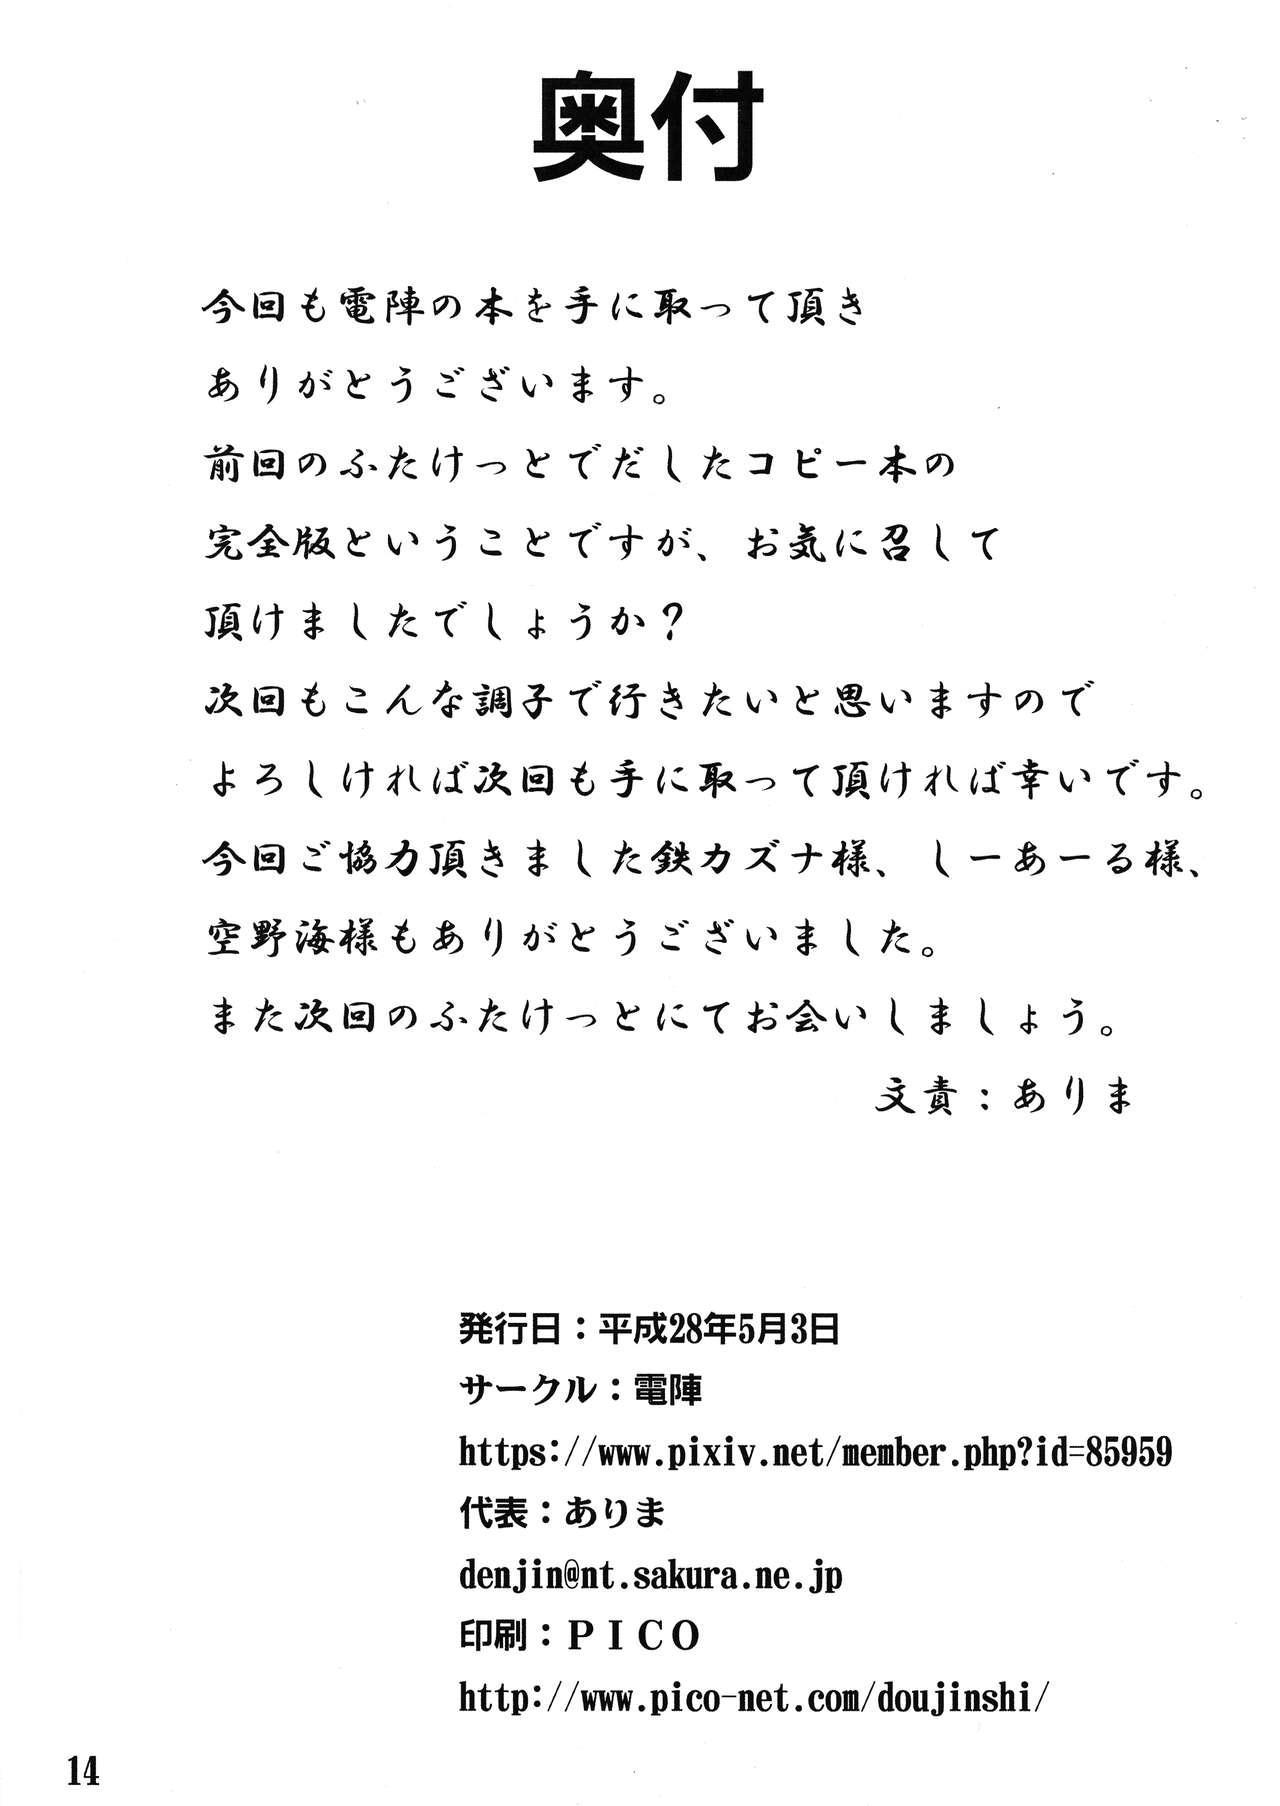 Takane to Yukiho no Kuishinbou! Banzai 13